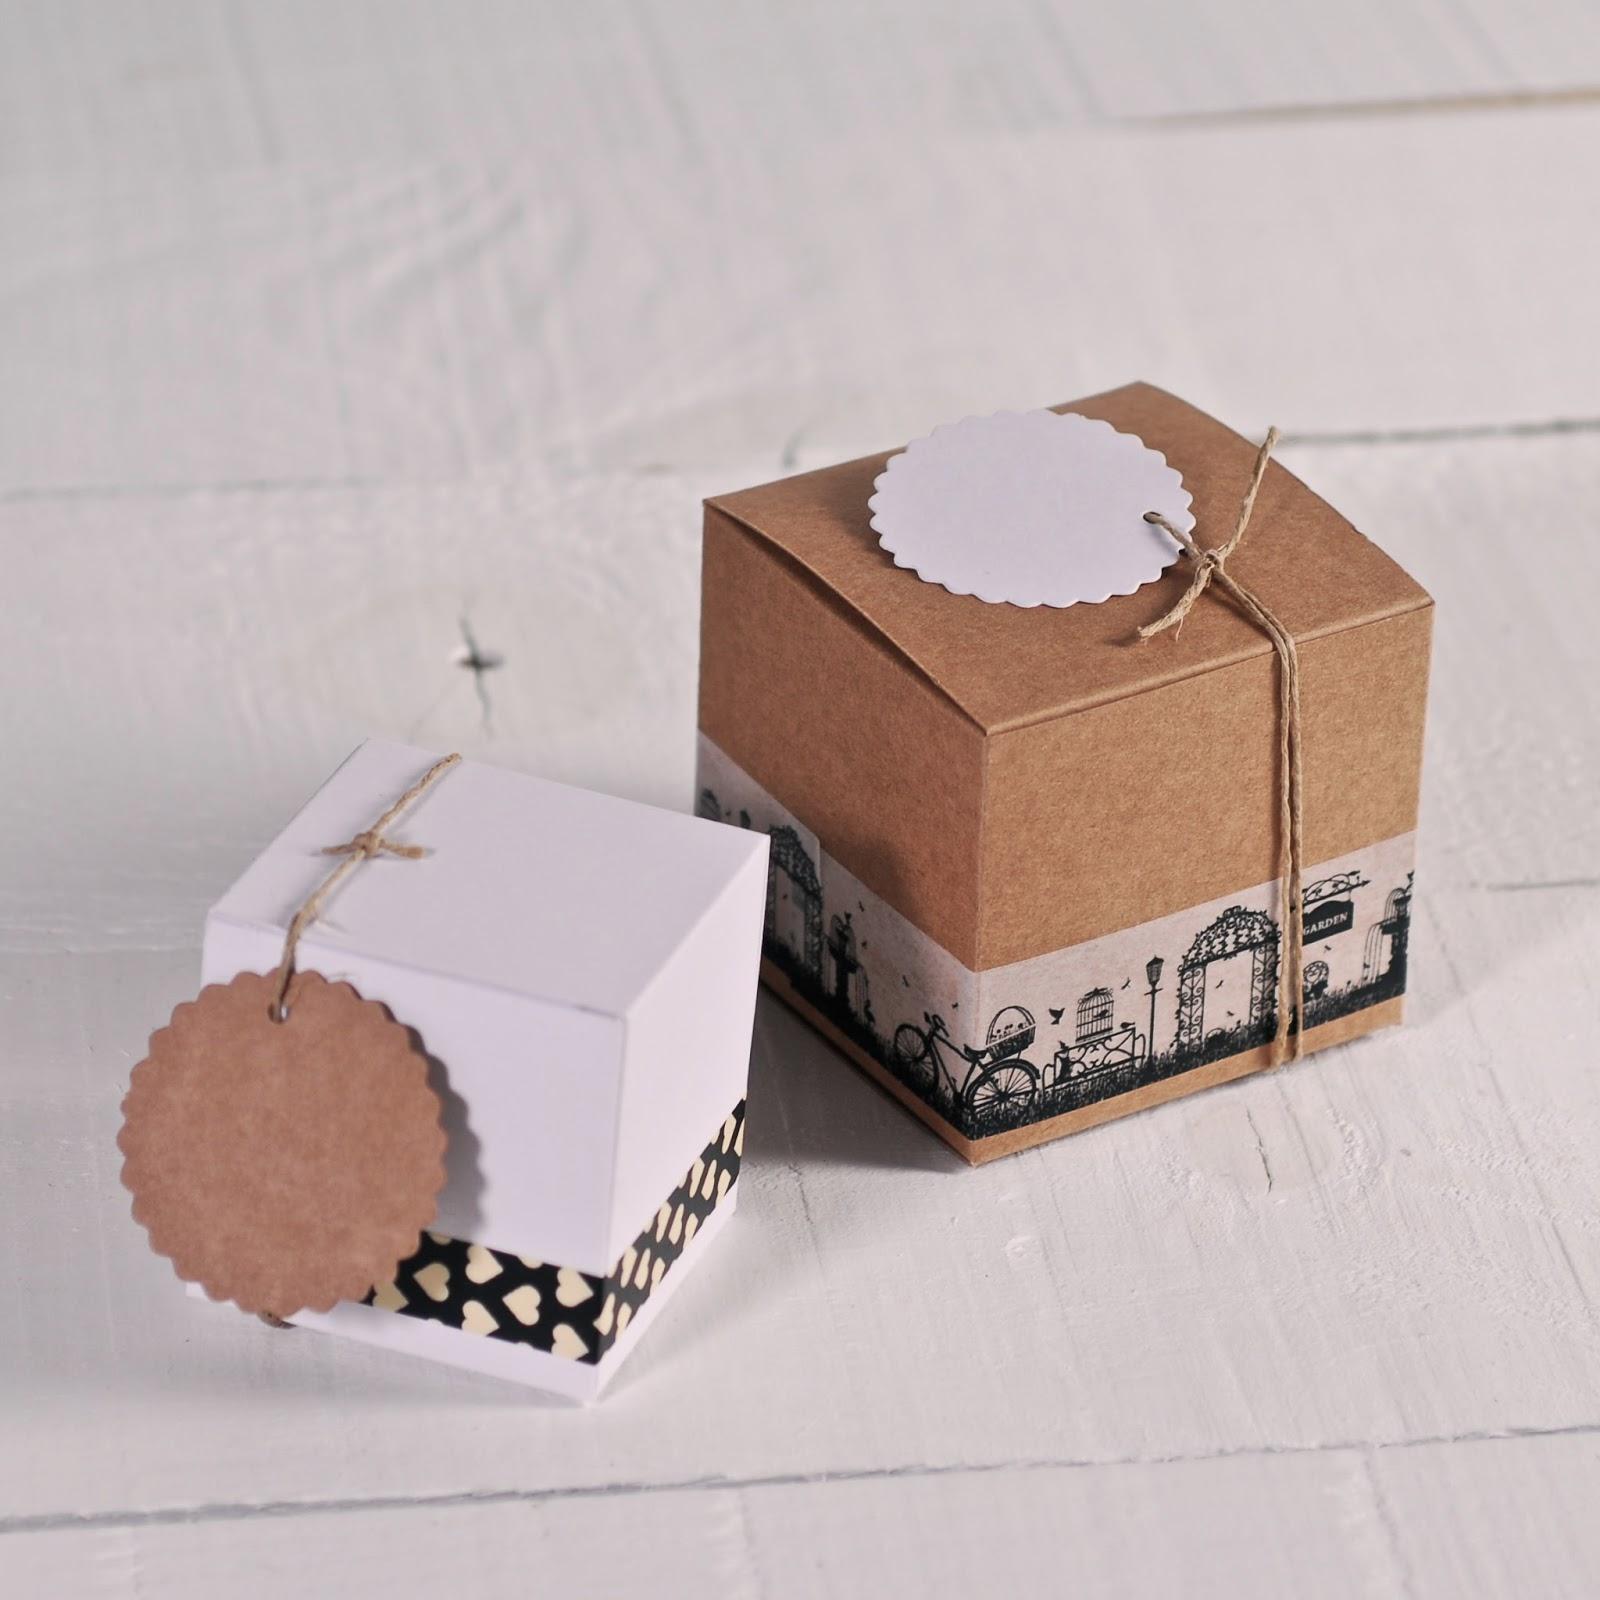 Cajas decoradas de carton para fiestas - Cajas de herramientas baratas ...